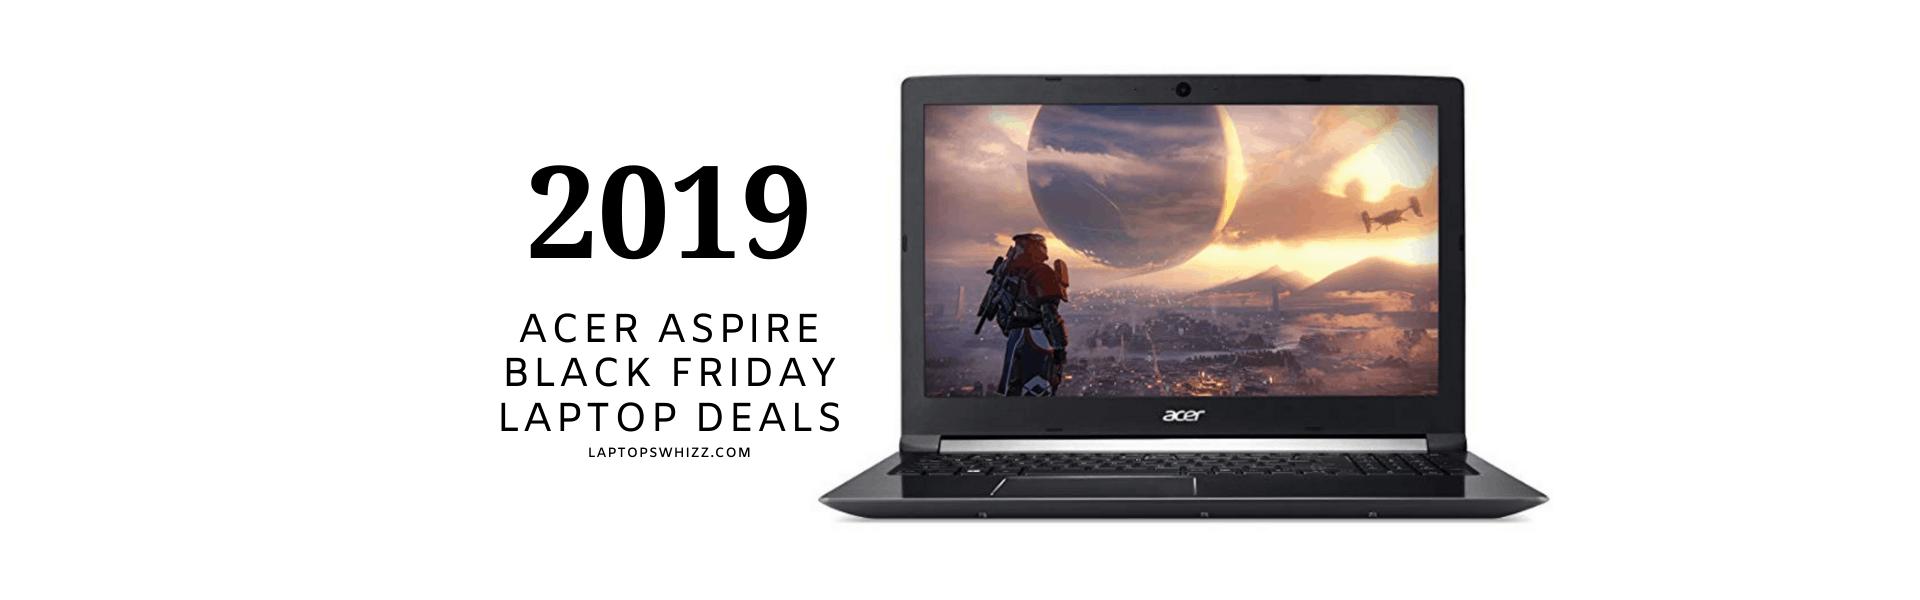 best acer aspire black friday laptops deals